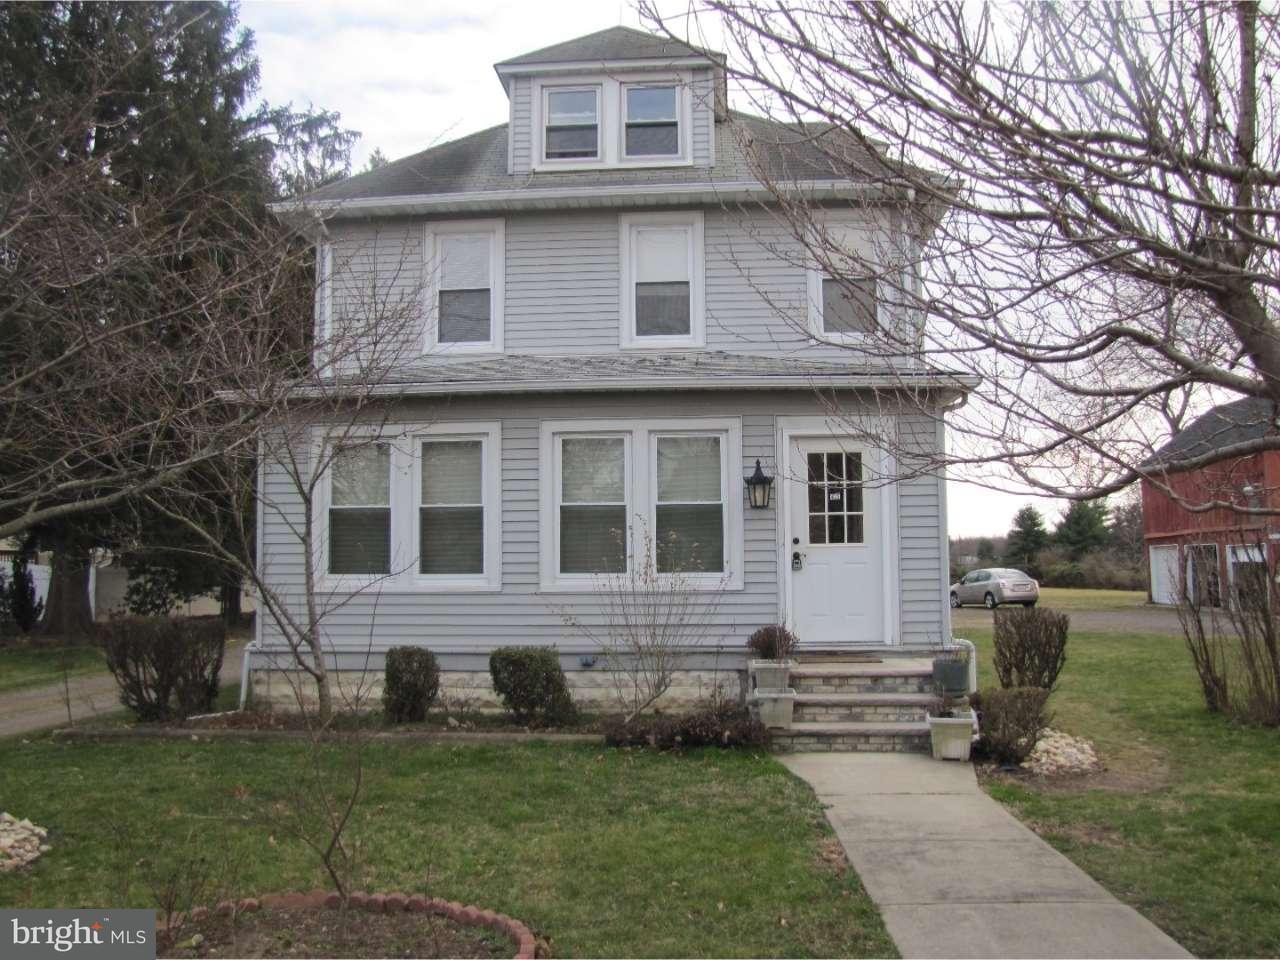 Частный односемейный дом для того Продажа на 425 RIDGE Road Dayton, Нью-Джерси 08810 Соединенные ШтатыВ/Около: South Brunswick Township